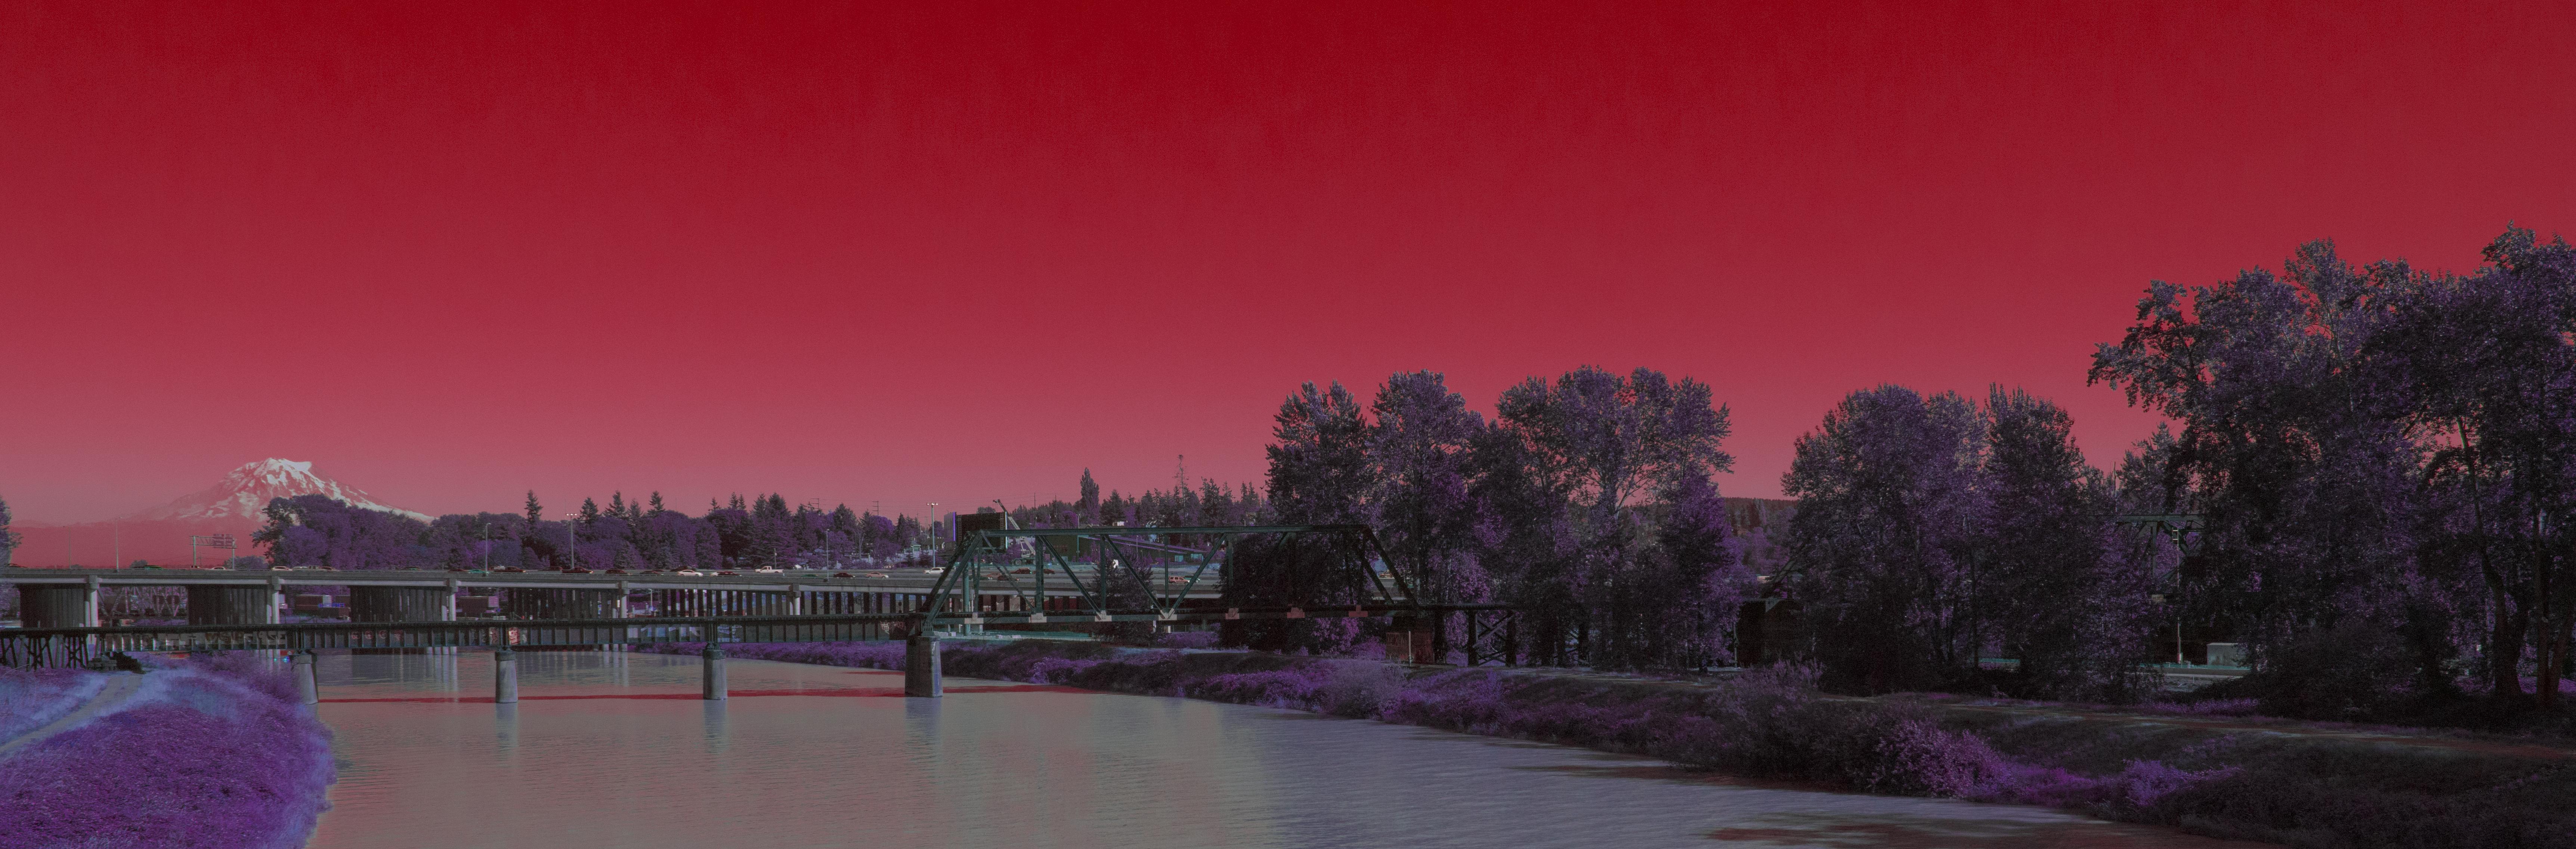 bridge_mt.rainier_red_purp